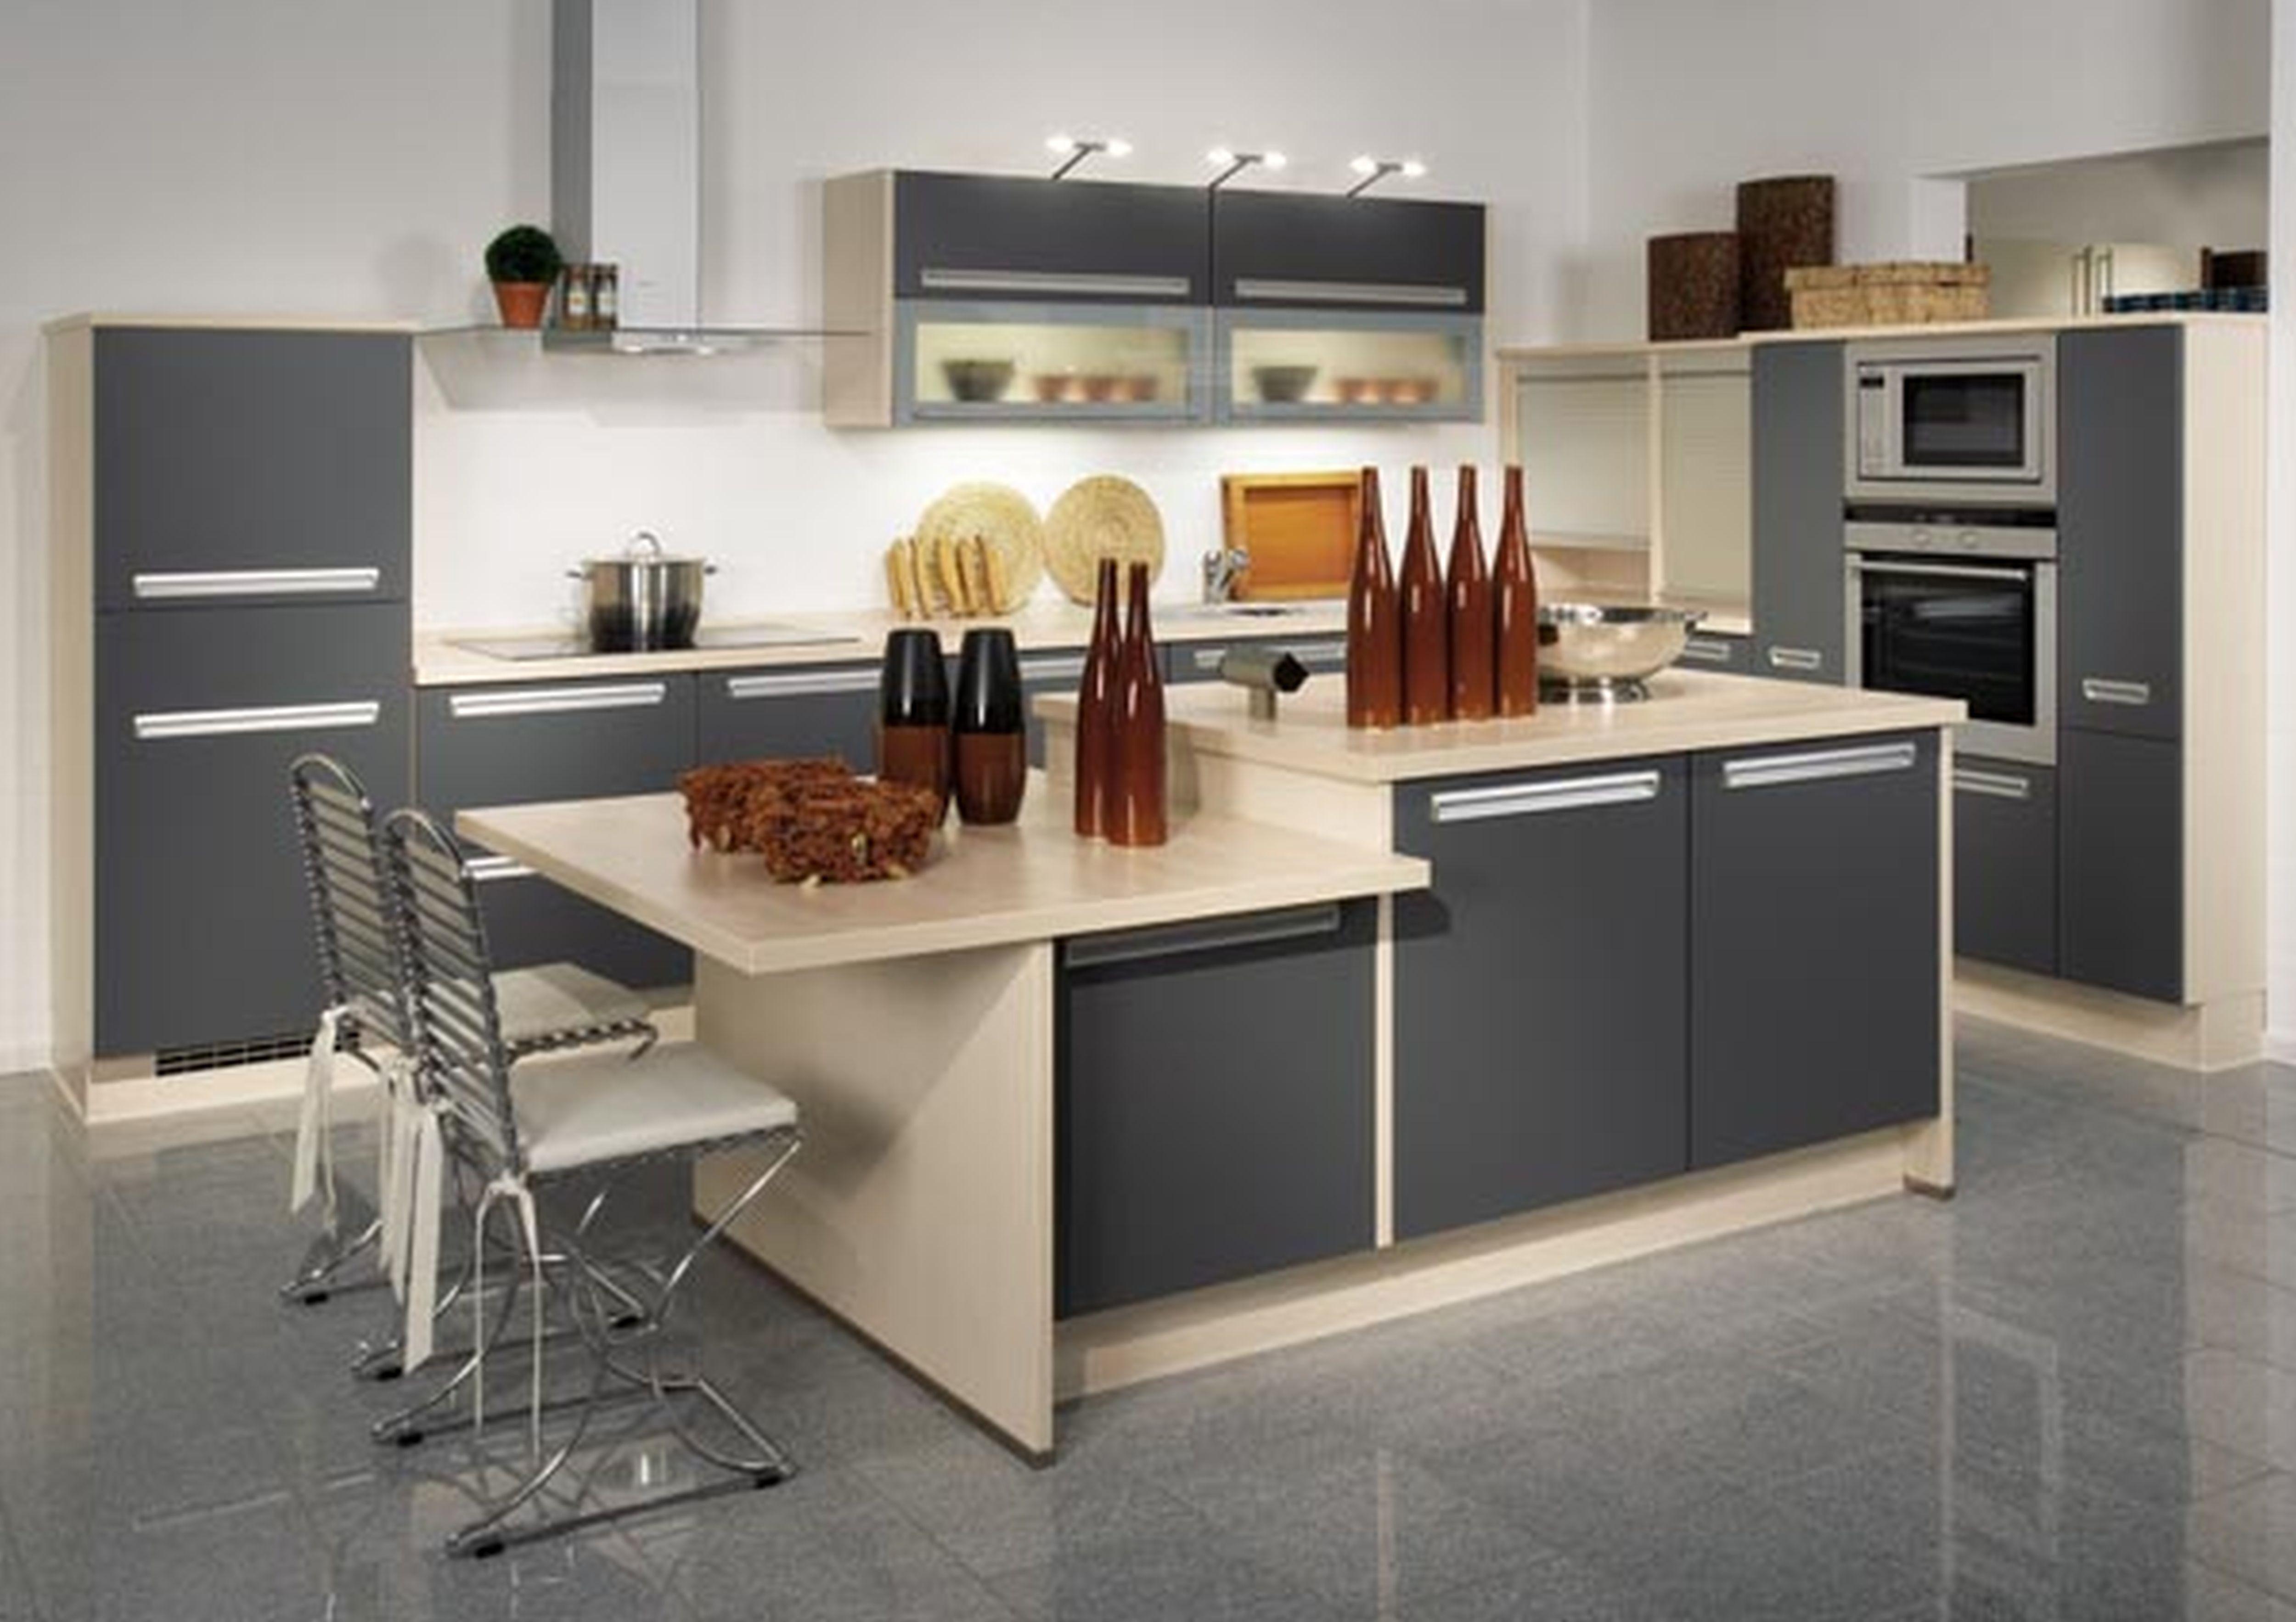 creative tools for kitchen - Buscar con Google | Diseño epicúreo ...